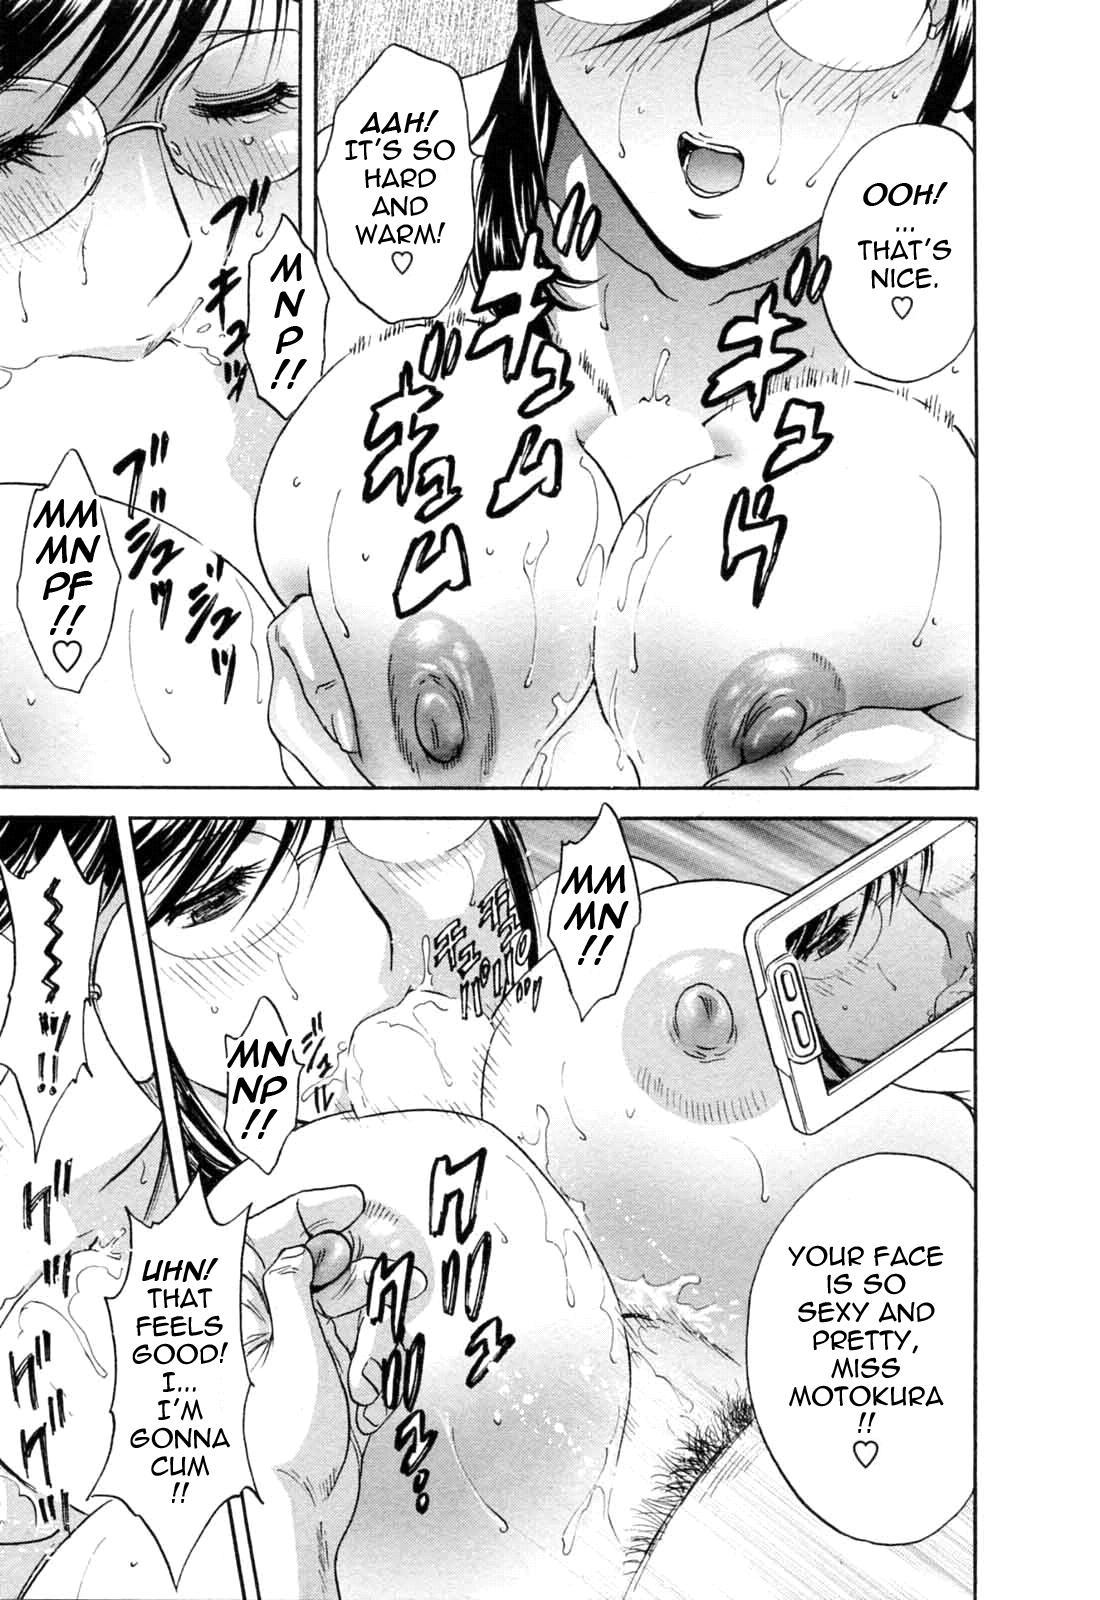 [Hidemaru] Mo-Retsu! Boin Sensei (Boing Boing Teacher) Vol.5 [English] [4dawgz] [Tadanohito] 106